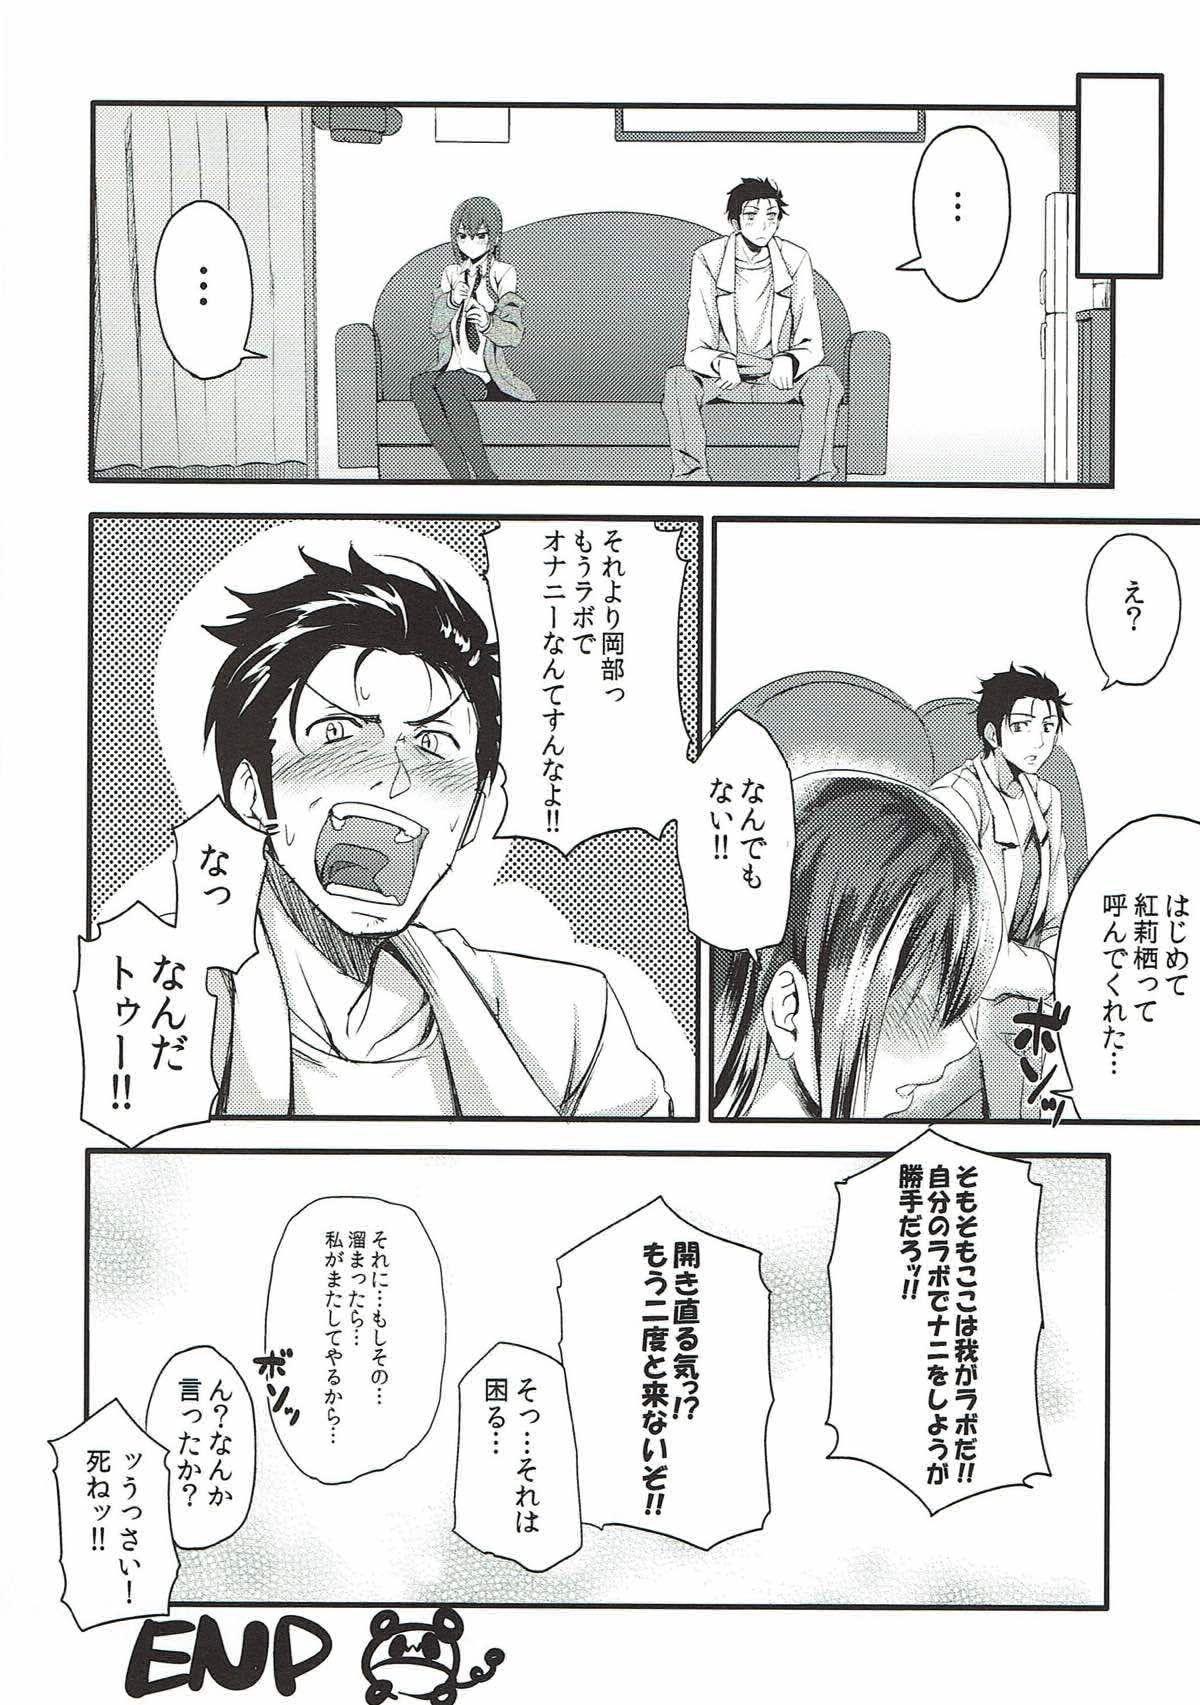 A, Anta no Gelbana ga Hoshii tte Itten no! 16